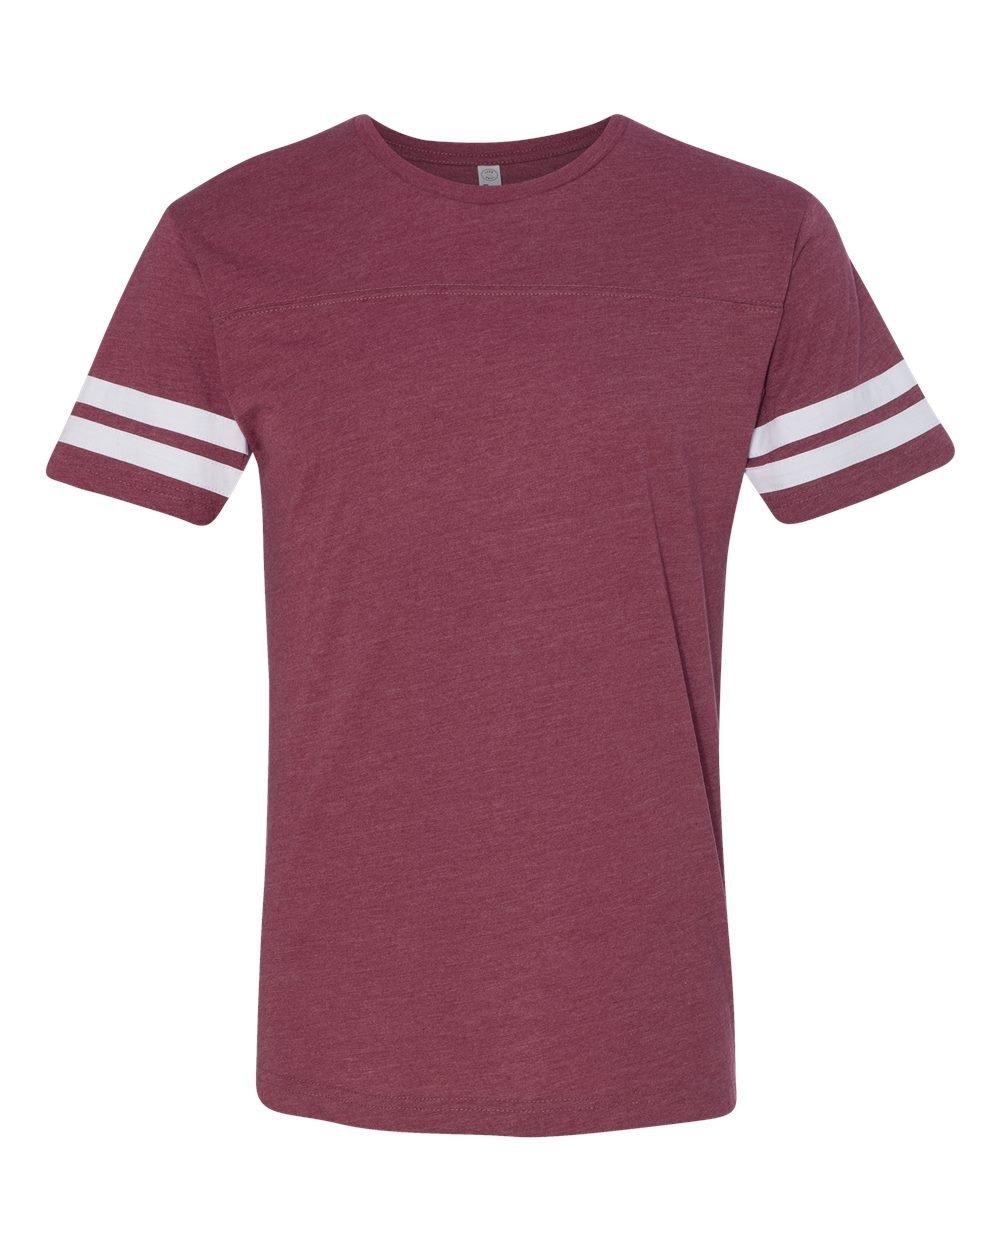 LAT Sportswear SHIRT メンズ B00TACFPXG L|Vn Royal/Bd White Vn Royal/Bd White L